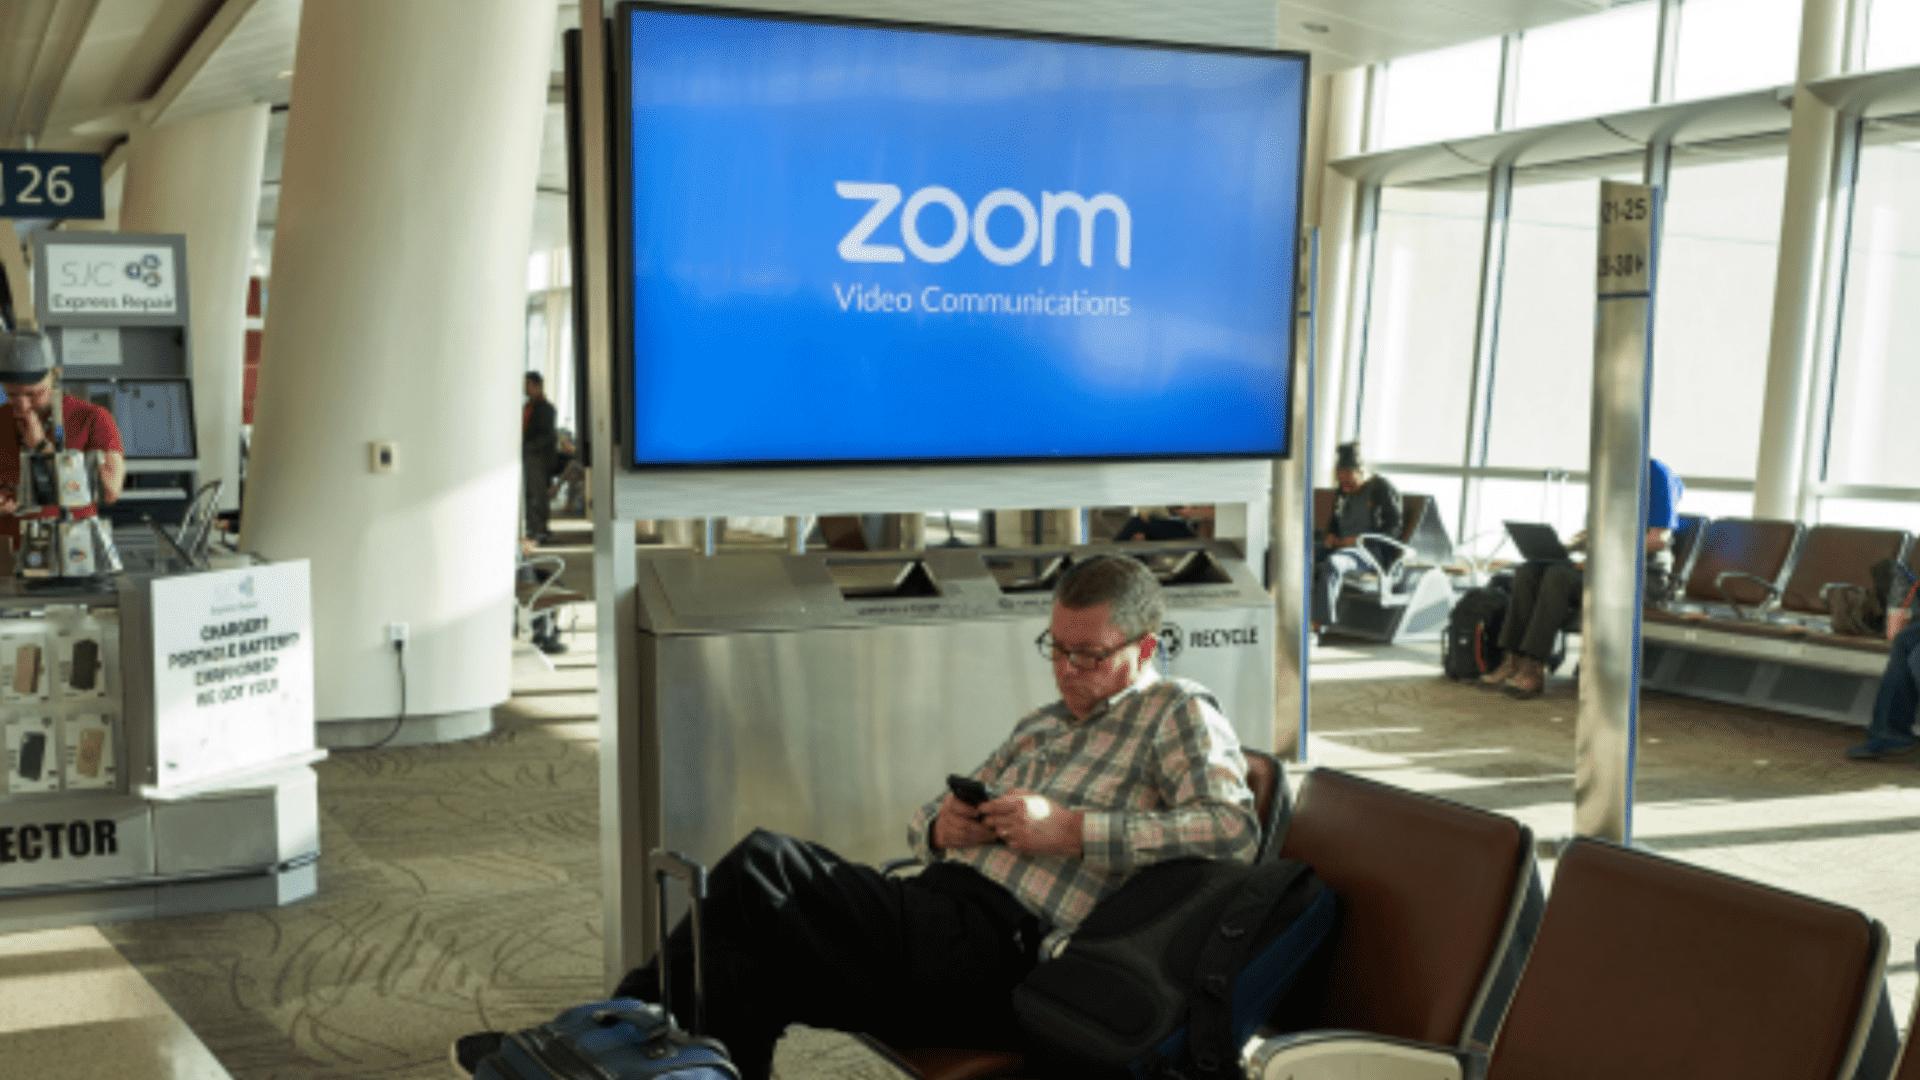 Zoom تستحوذ على شركة Five9 مقابل 14.7 مليار دولار